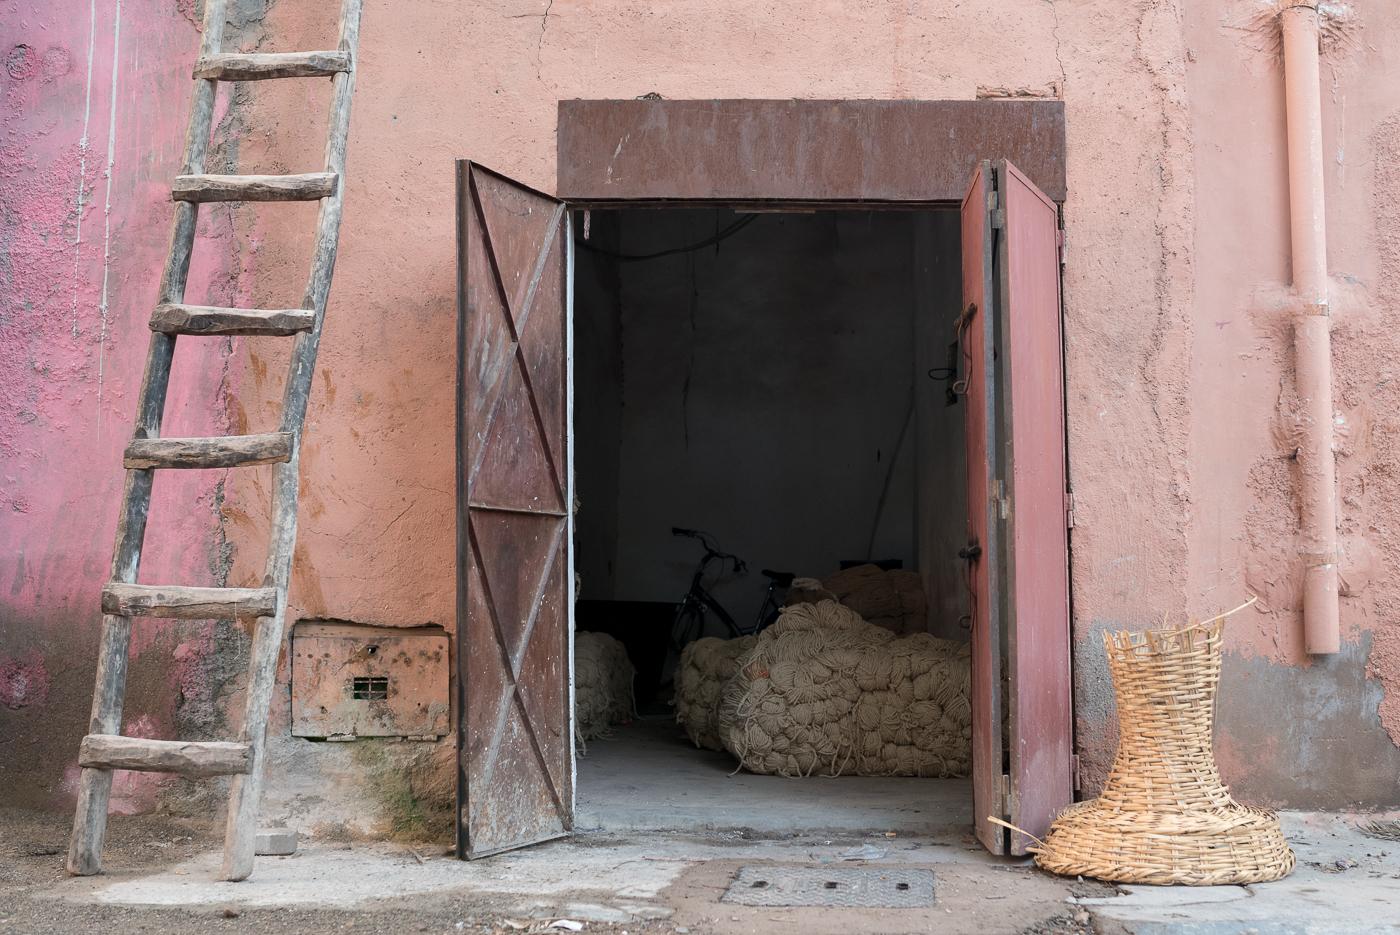 philipp schäbler marokko marrakesch essaouira-8087.jpg